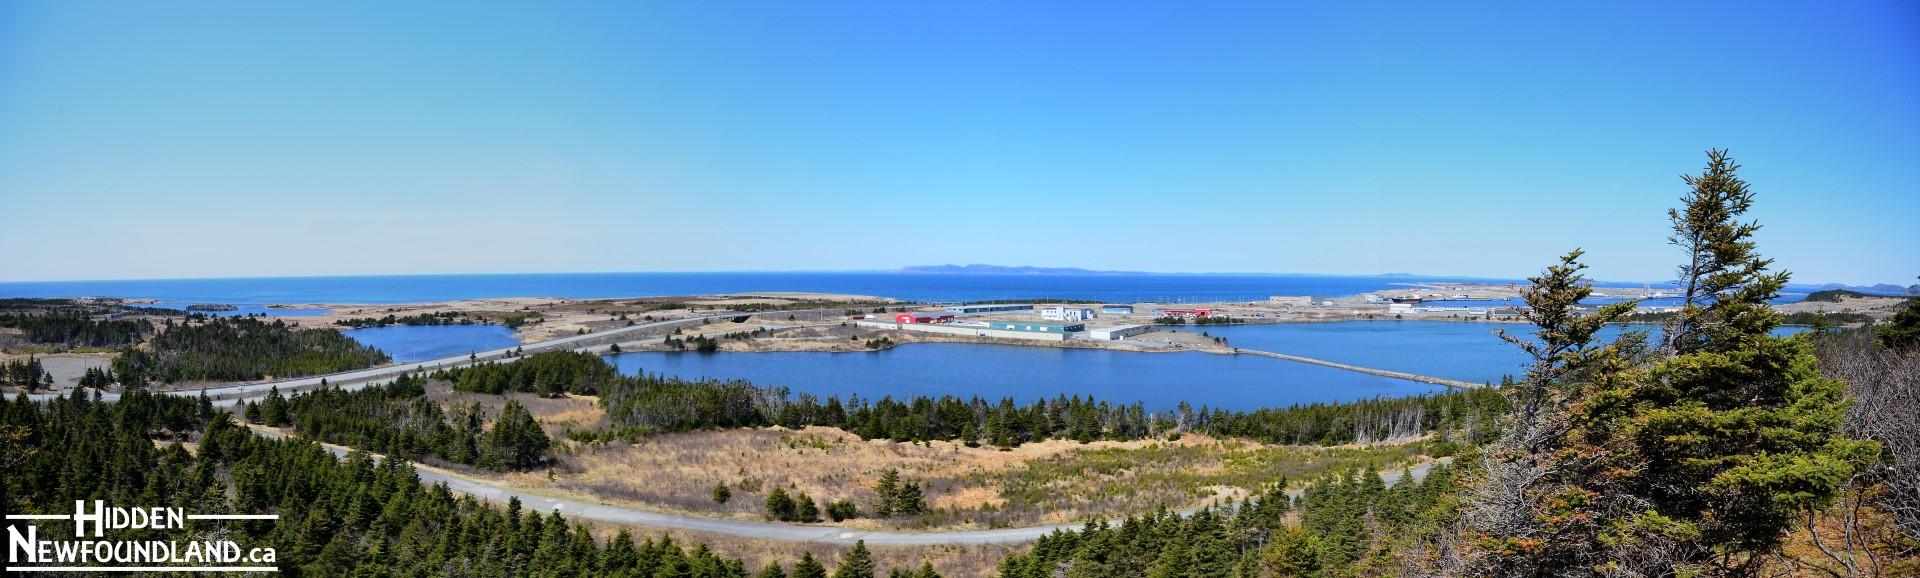 Abandoned Argentia Naval Base